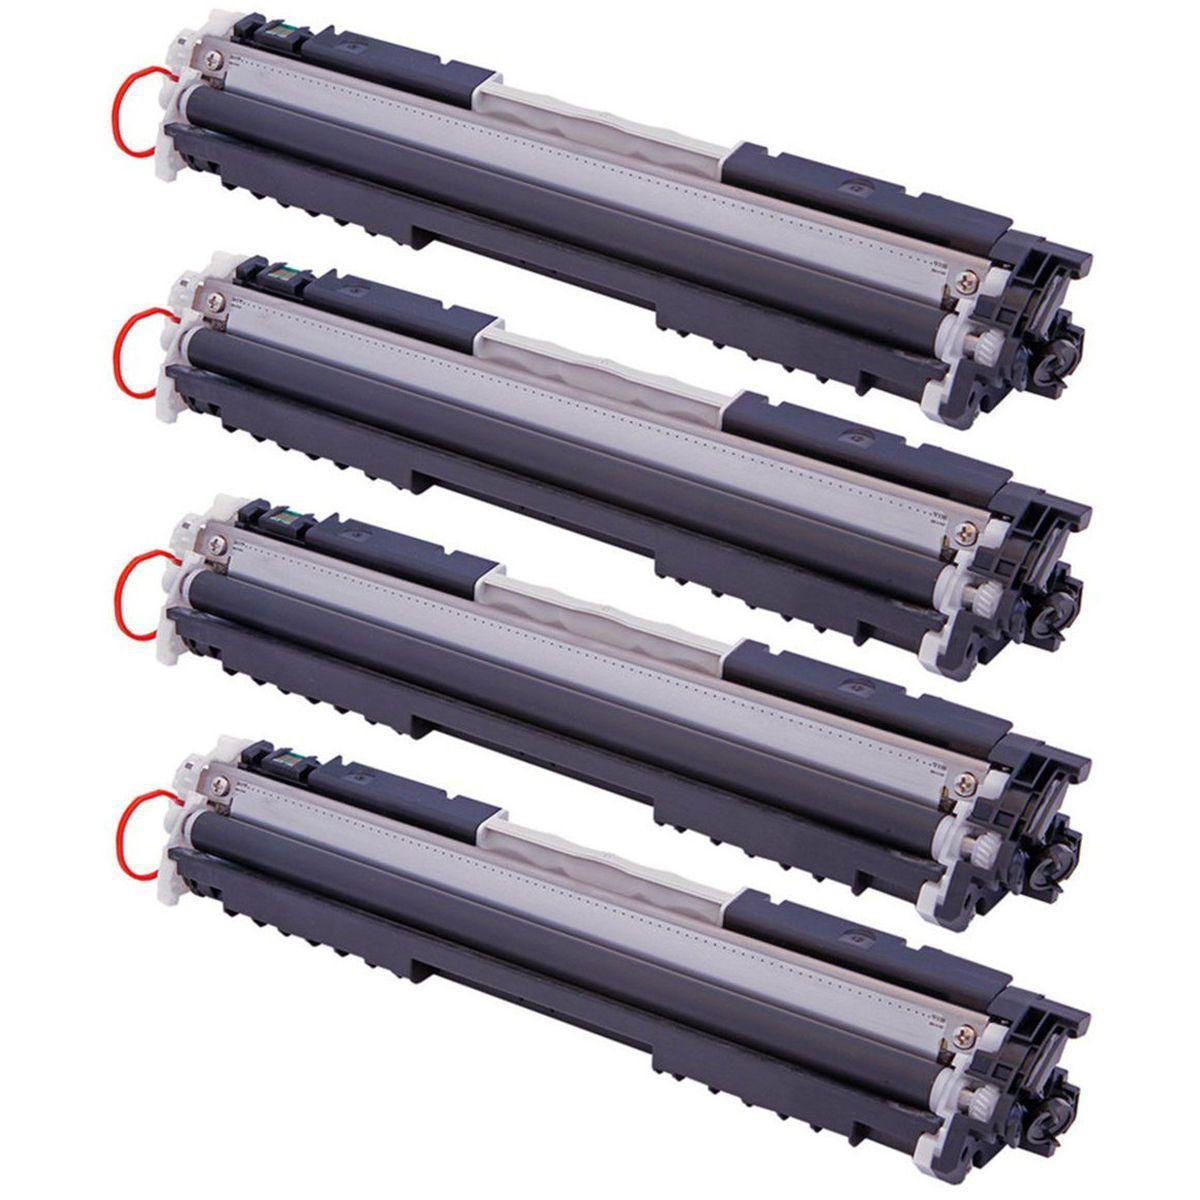 Compatível: Kit Colorido de Toner 126A 130A para Impressora HP CP1025 CP1025nw CP1020 M175a M175nw M176n M177fw M275nw